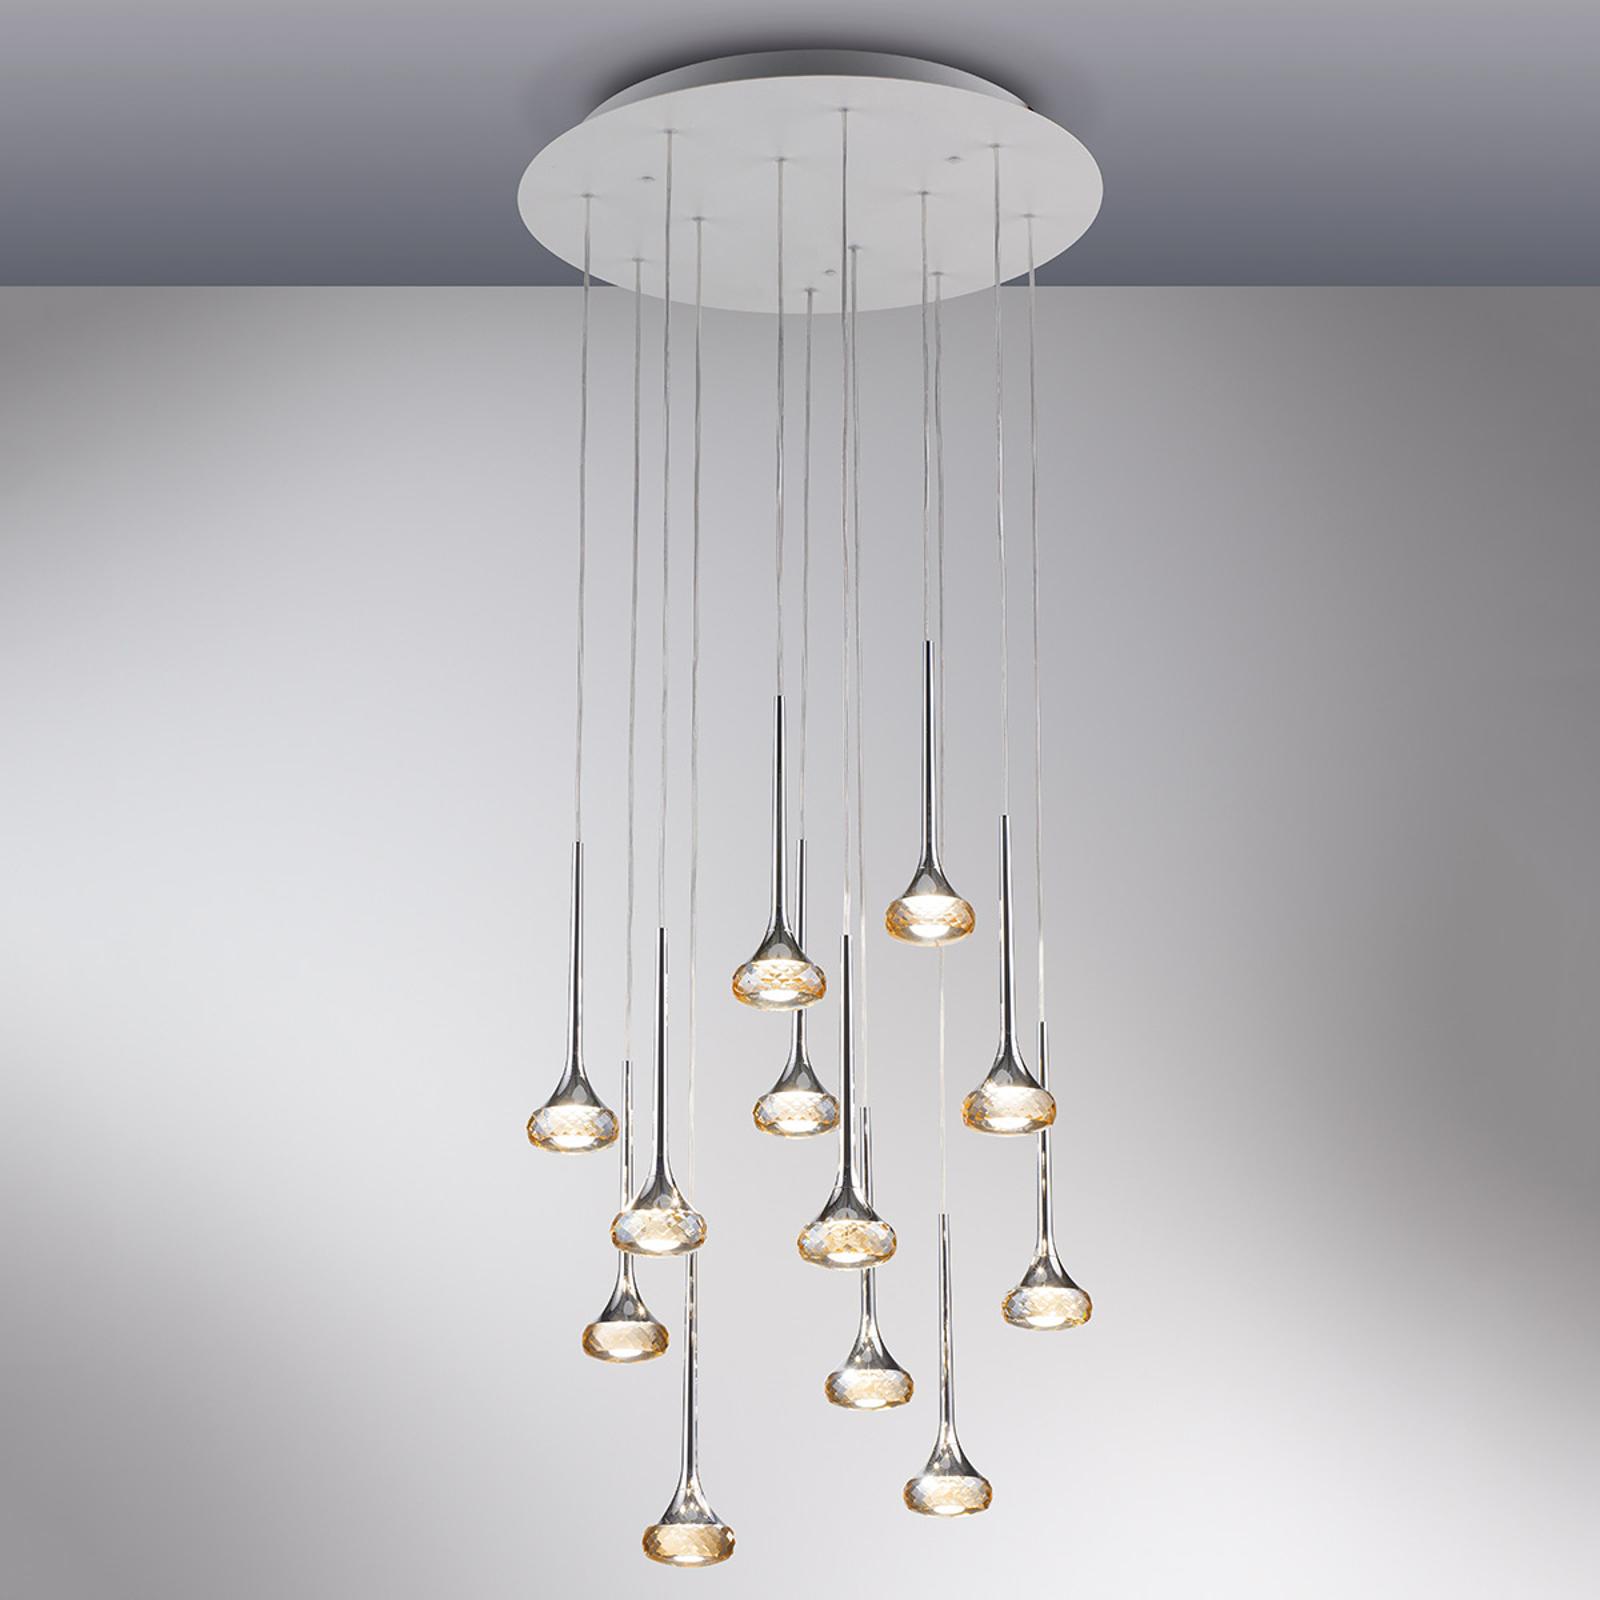 Lampada a sospensione LED Fairy, 12 luci, ambra